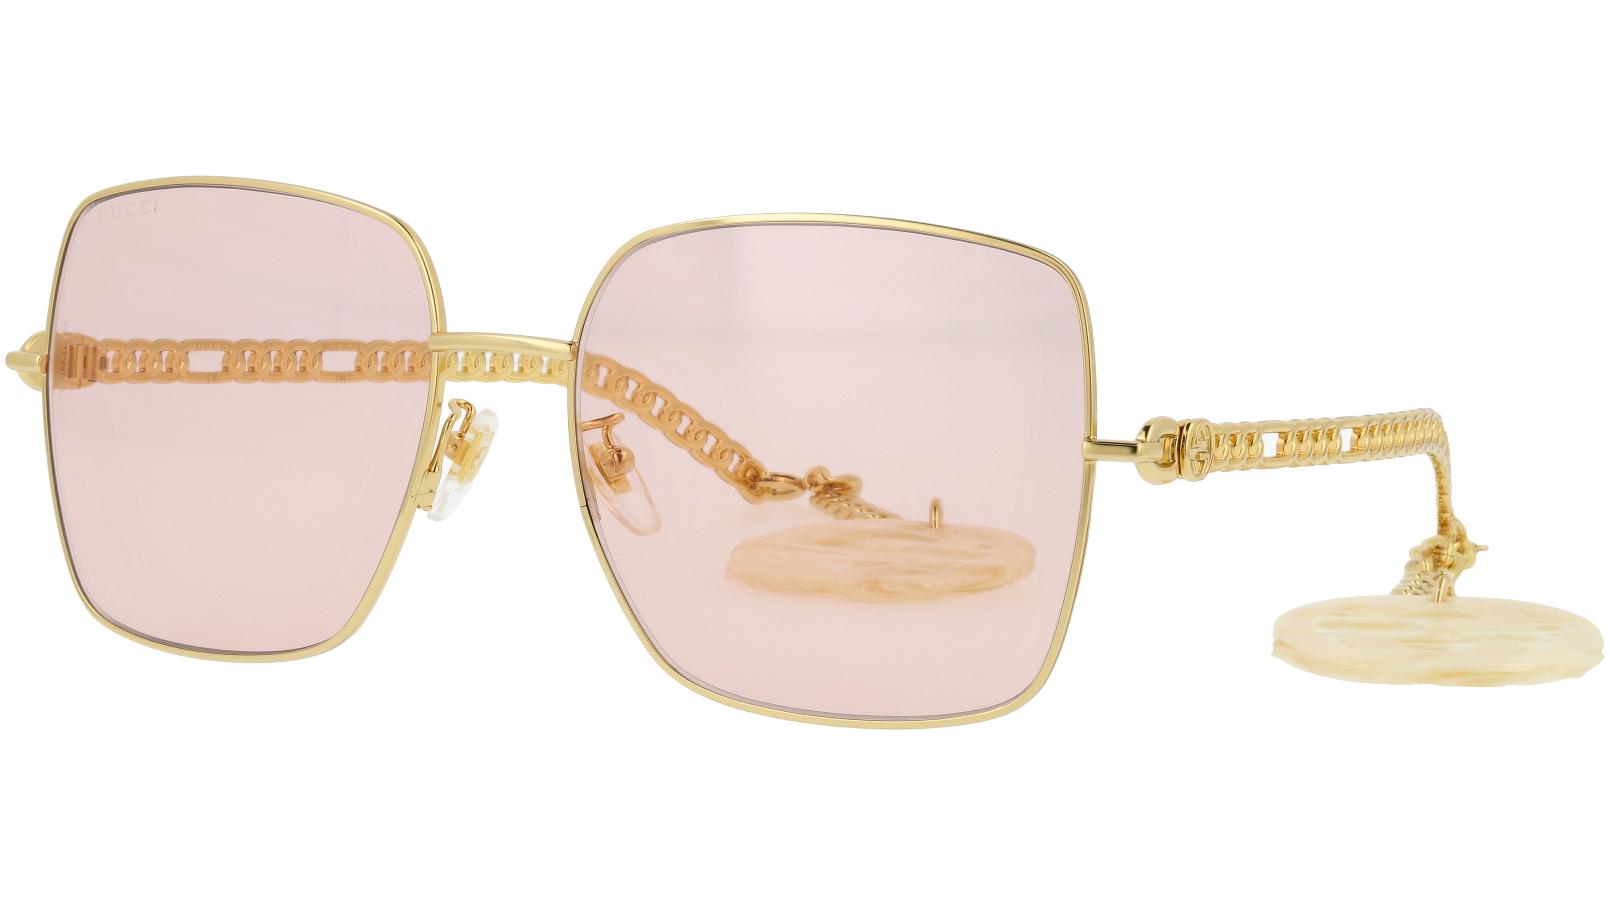 Gucci GG0724S 003 61 Gold Sunglasses